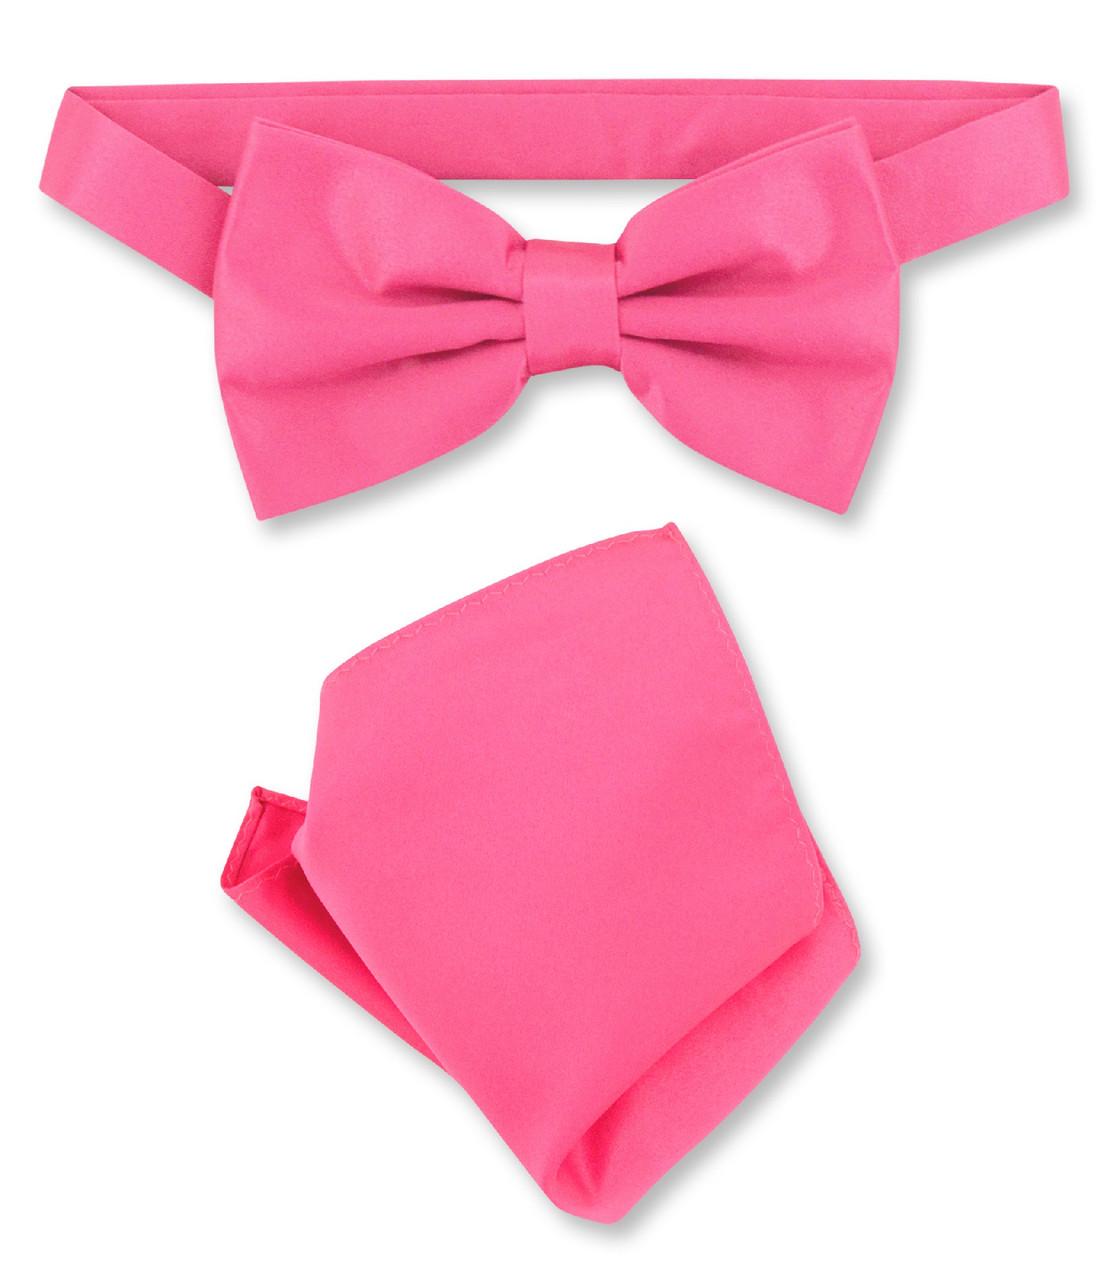 Vesuvio Napoli BowTie Solid Teal Color Mens Bow Tie /& Handkerchief